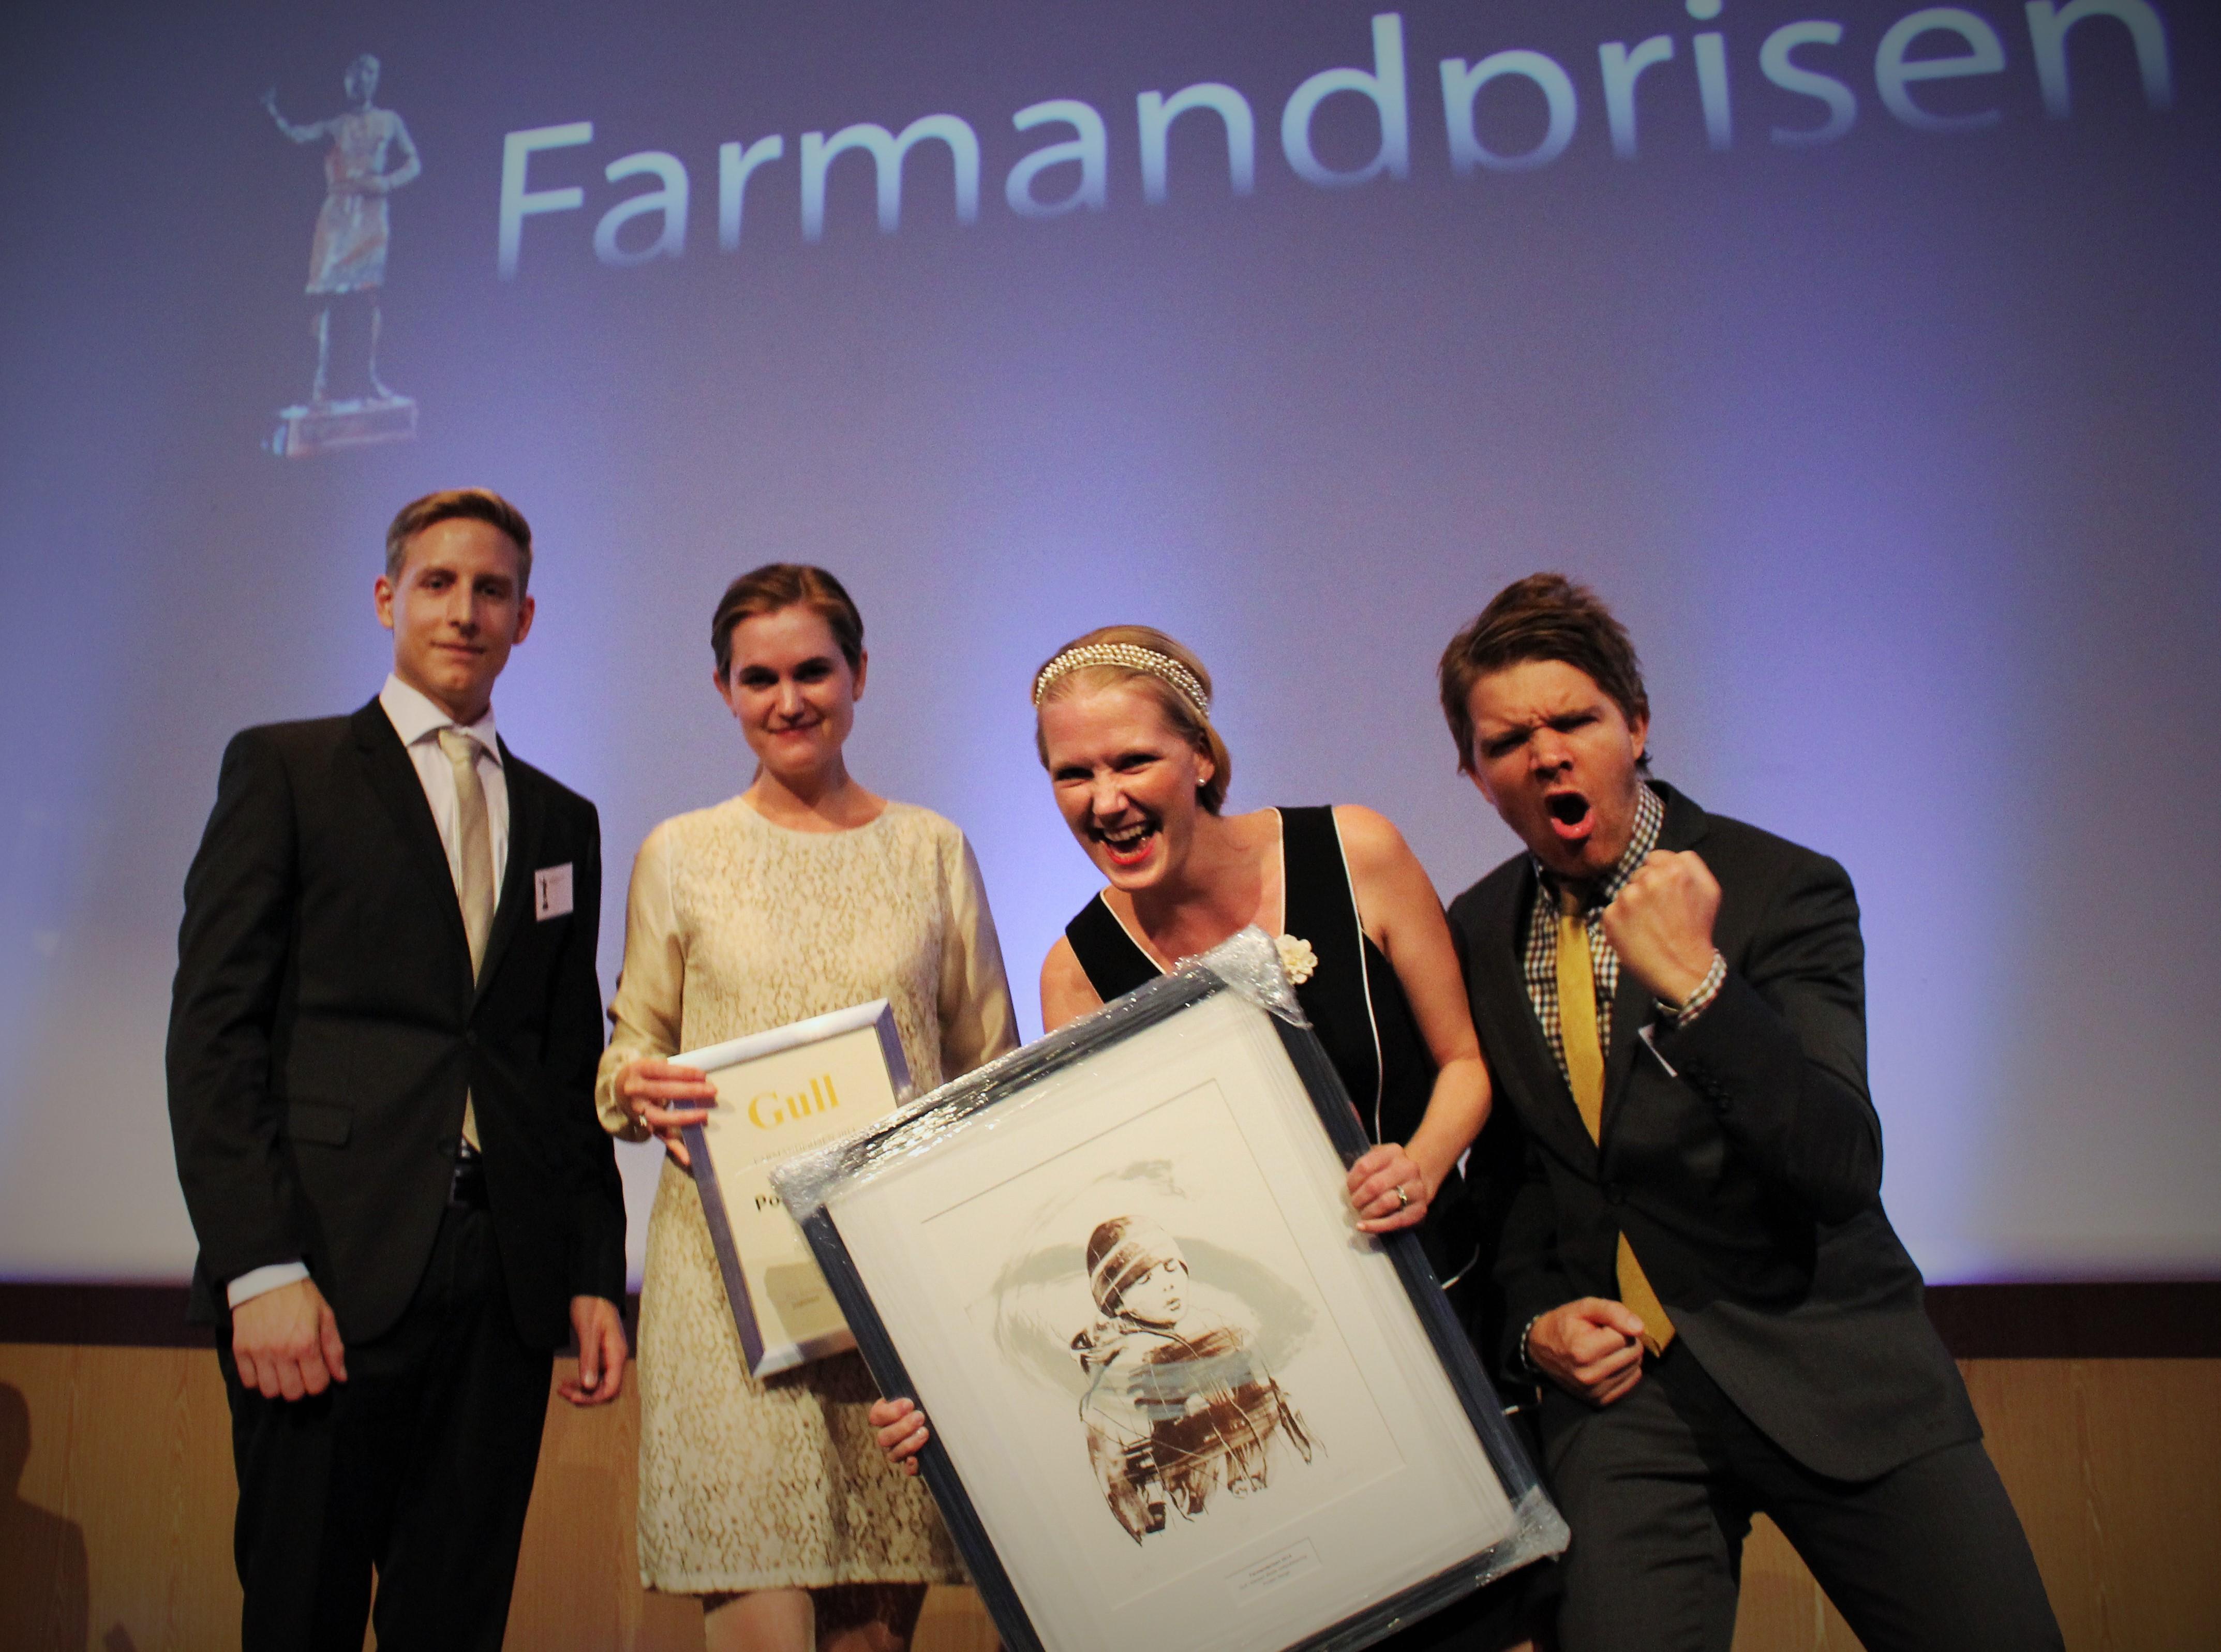 Farmandprisen Beste Årsrapport 2014 - Beste internettpublisering nr 1: Posten Norge